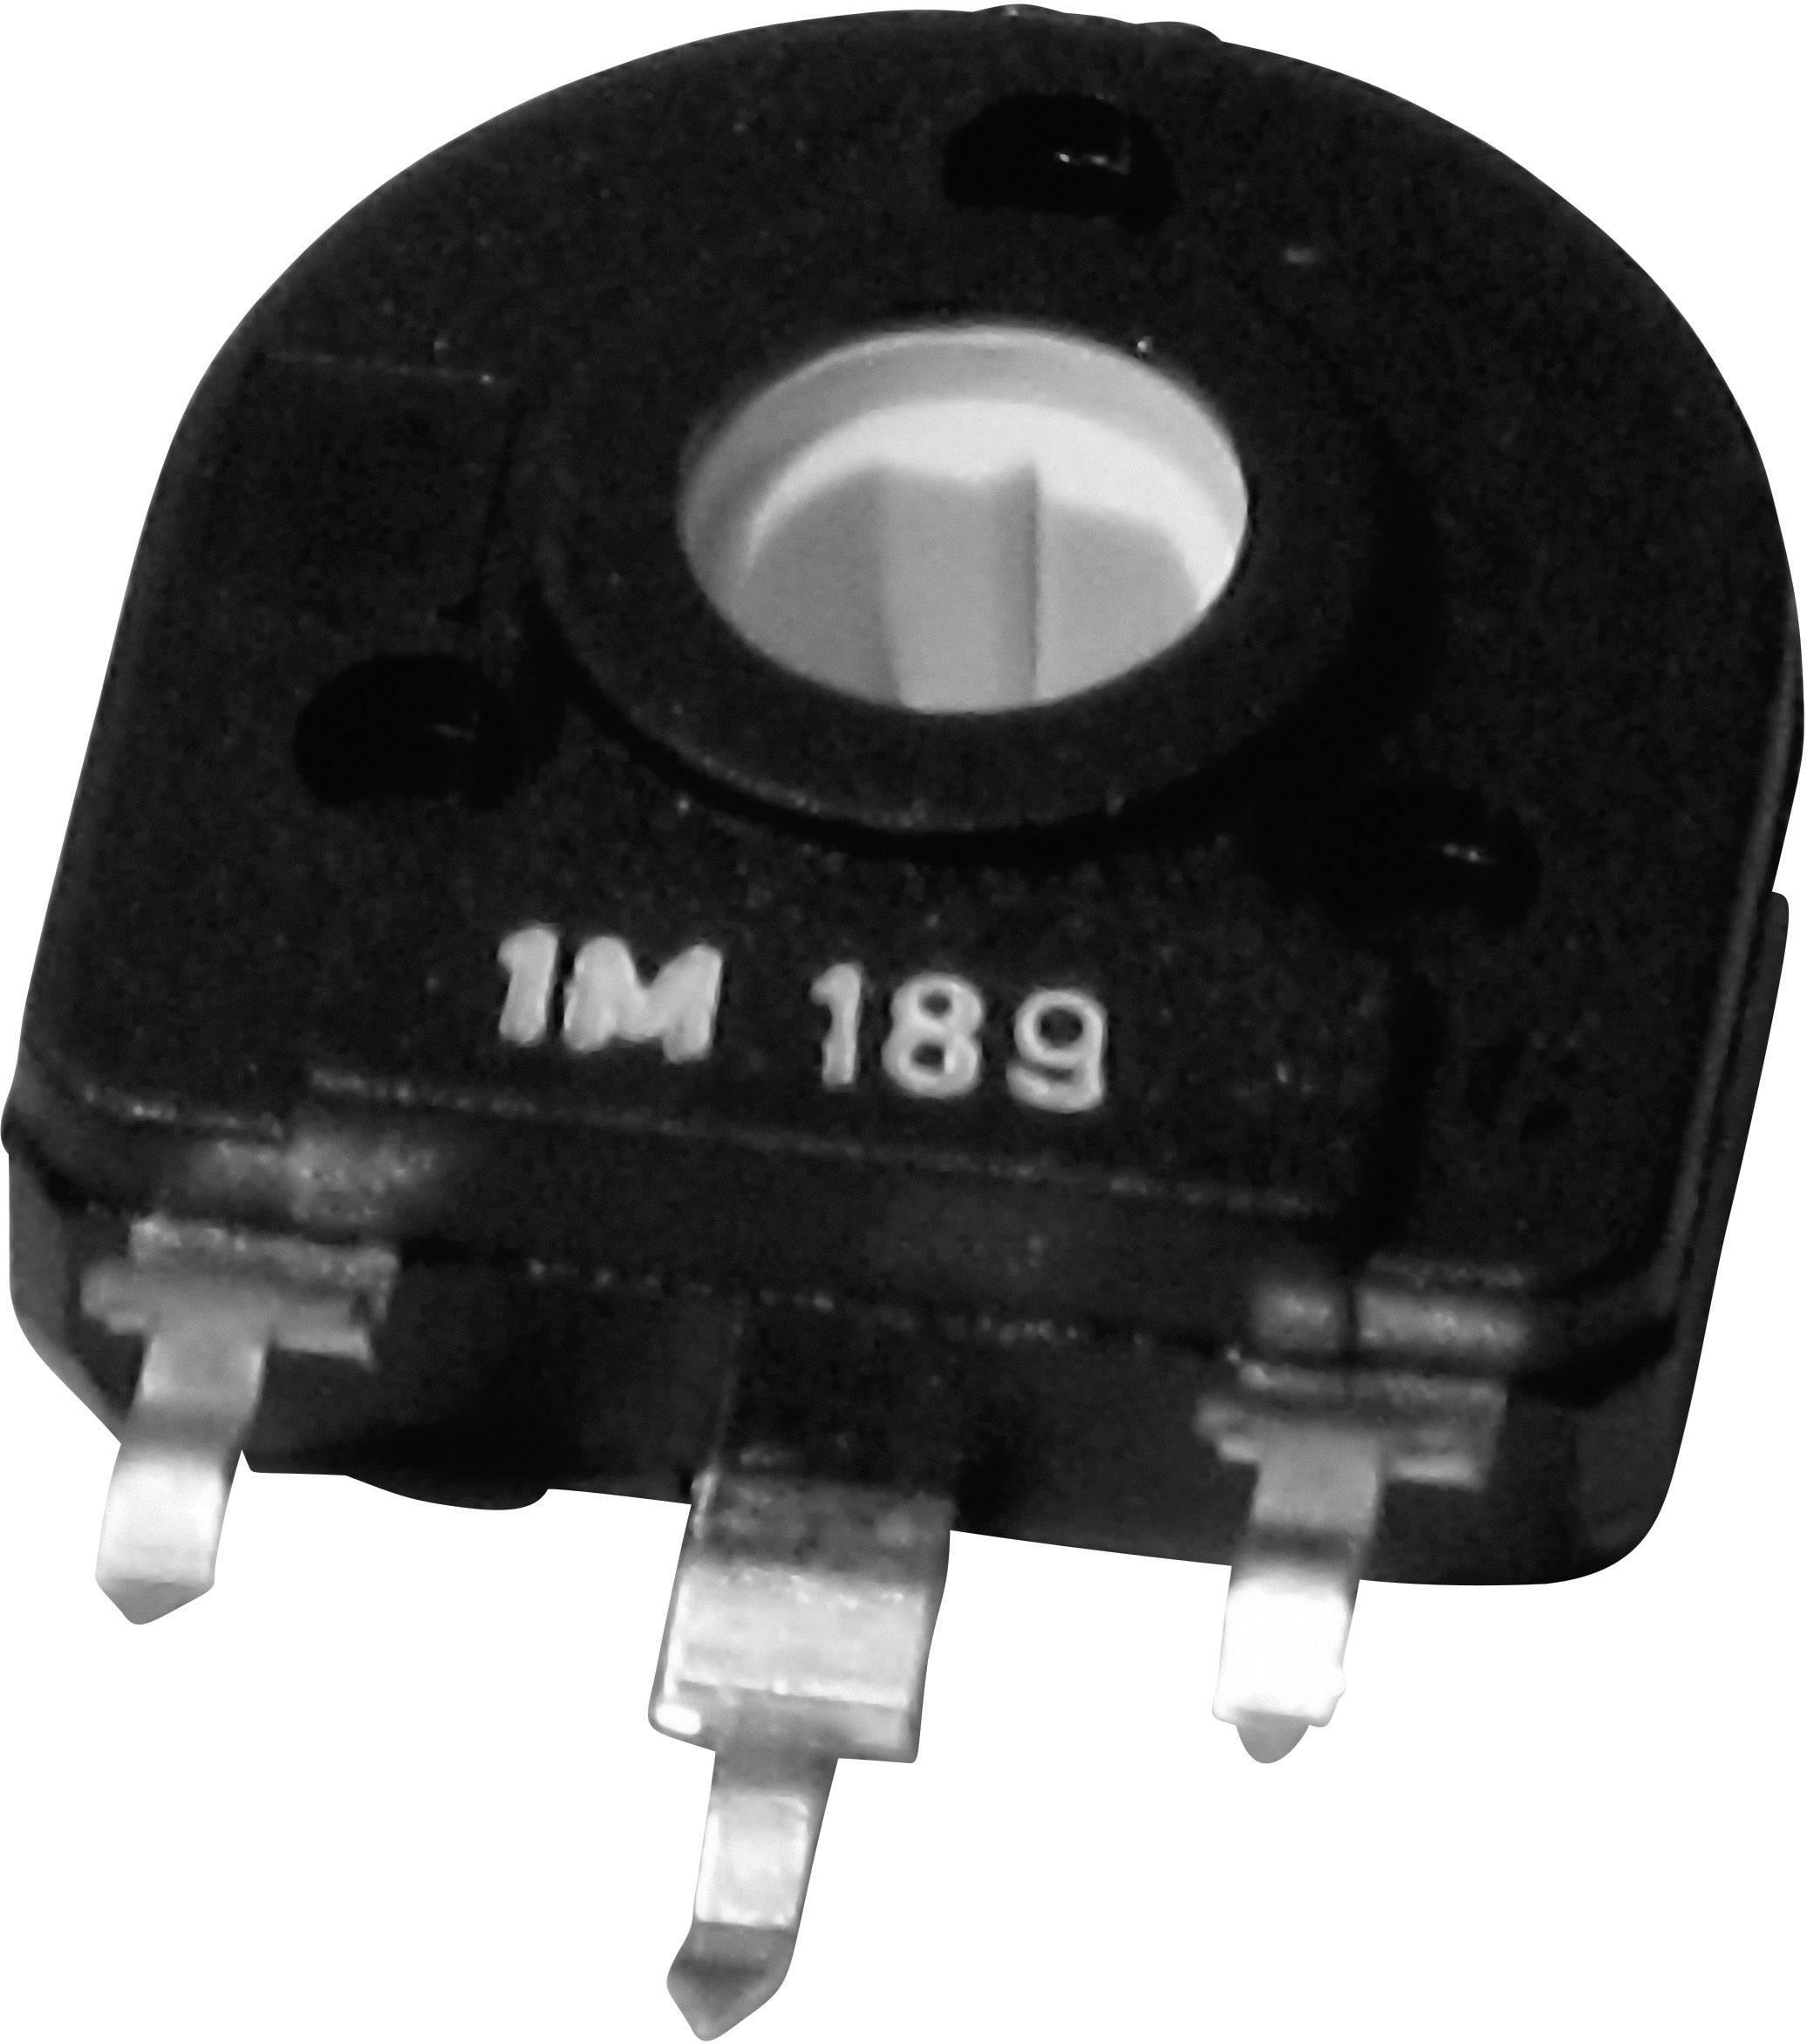 Uhlíkový trimer TT Electronics AB 1551070, lineárny, 500 kOhm, 0.25 W, 1 ks